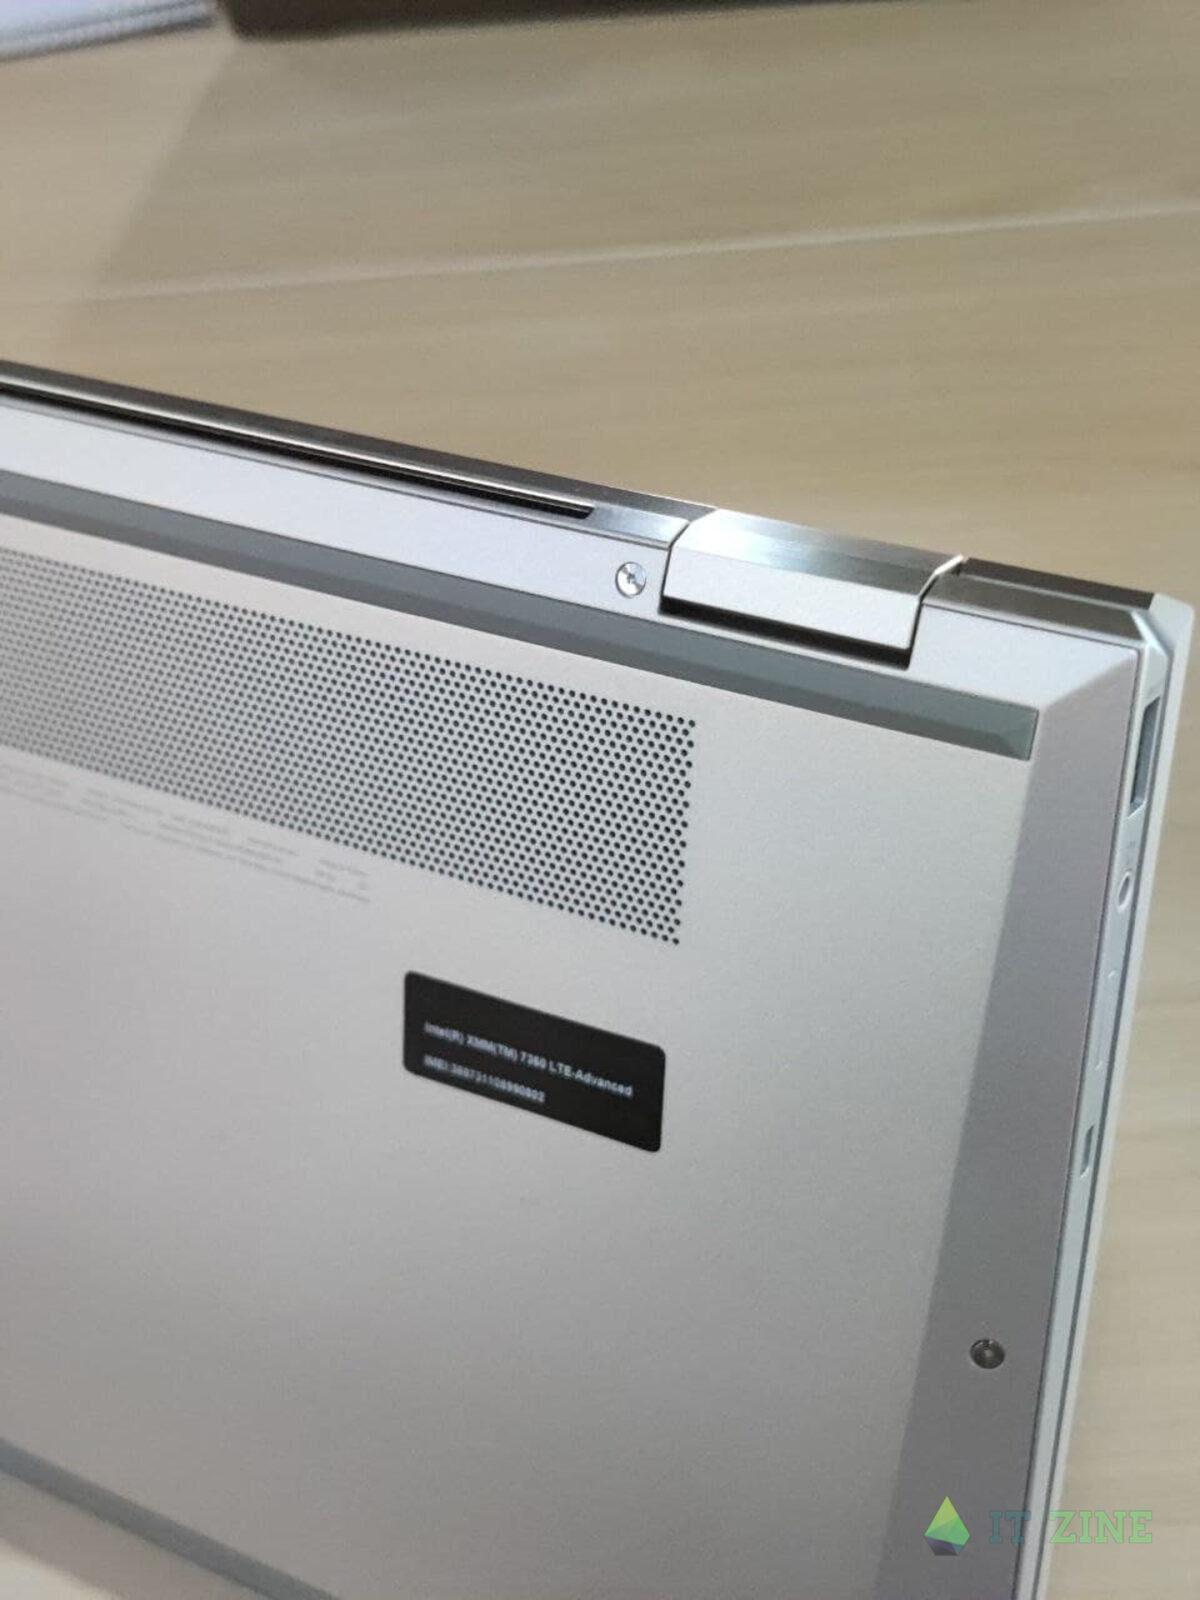 Обзор ноутбука HP EliteBook x360 1040 G7: трансформер для работы и развлечений (hp elitebook 1040 g7 03 1)